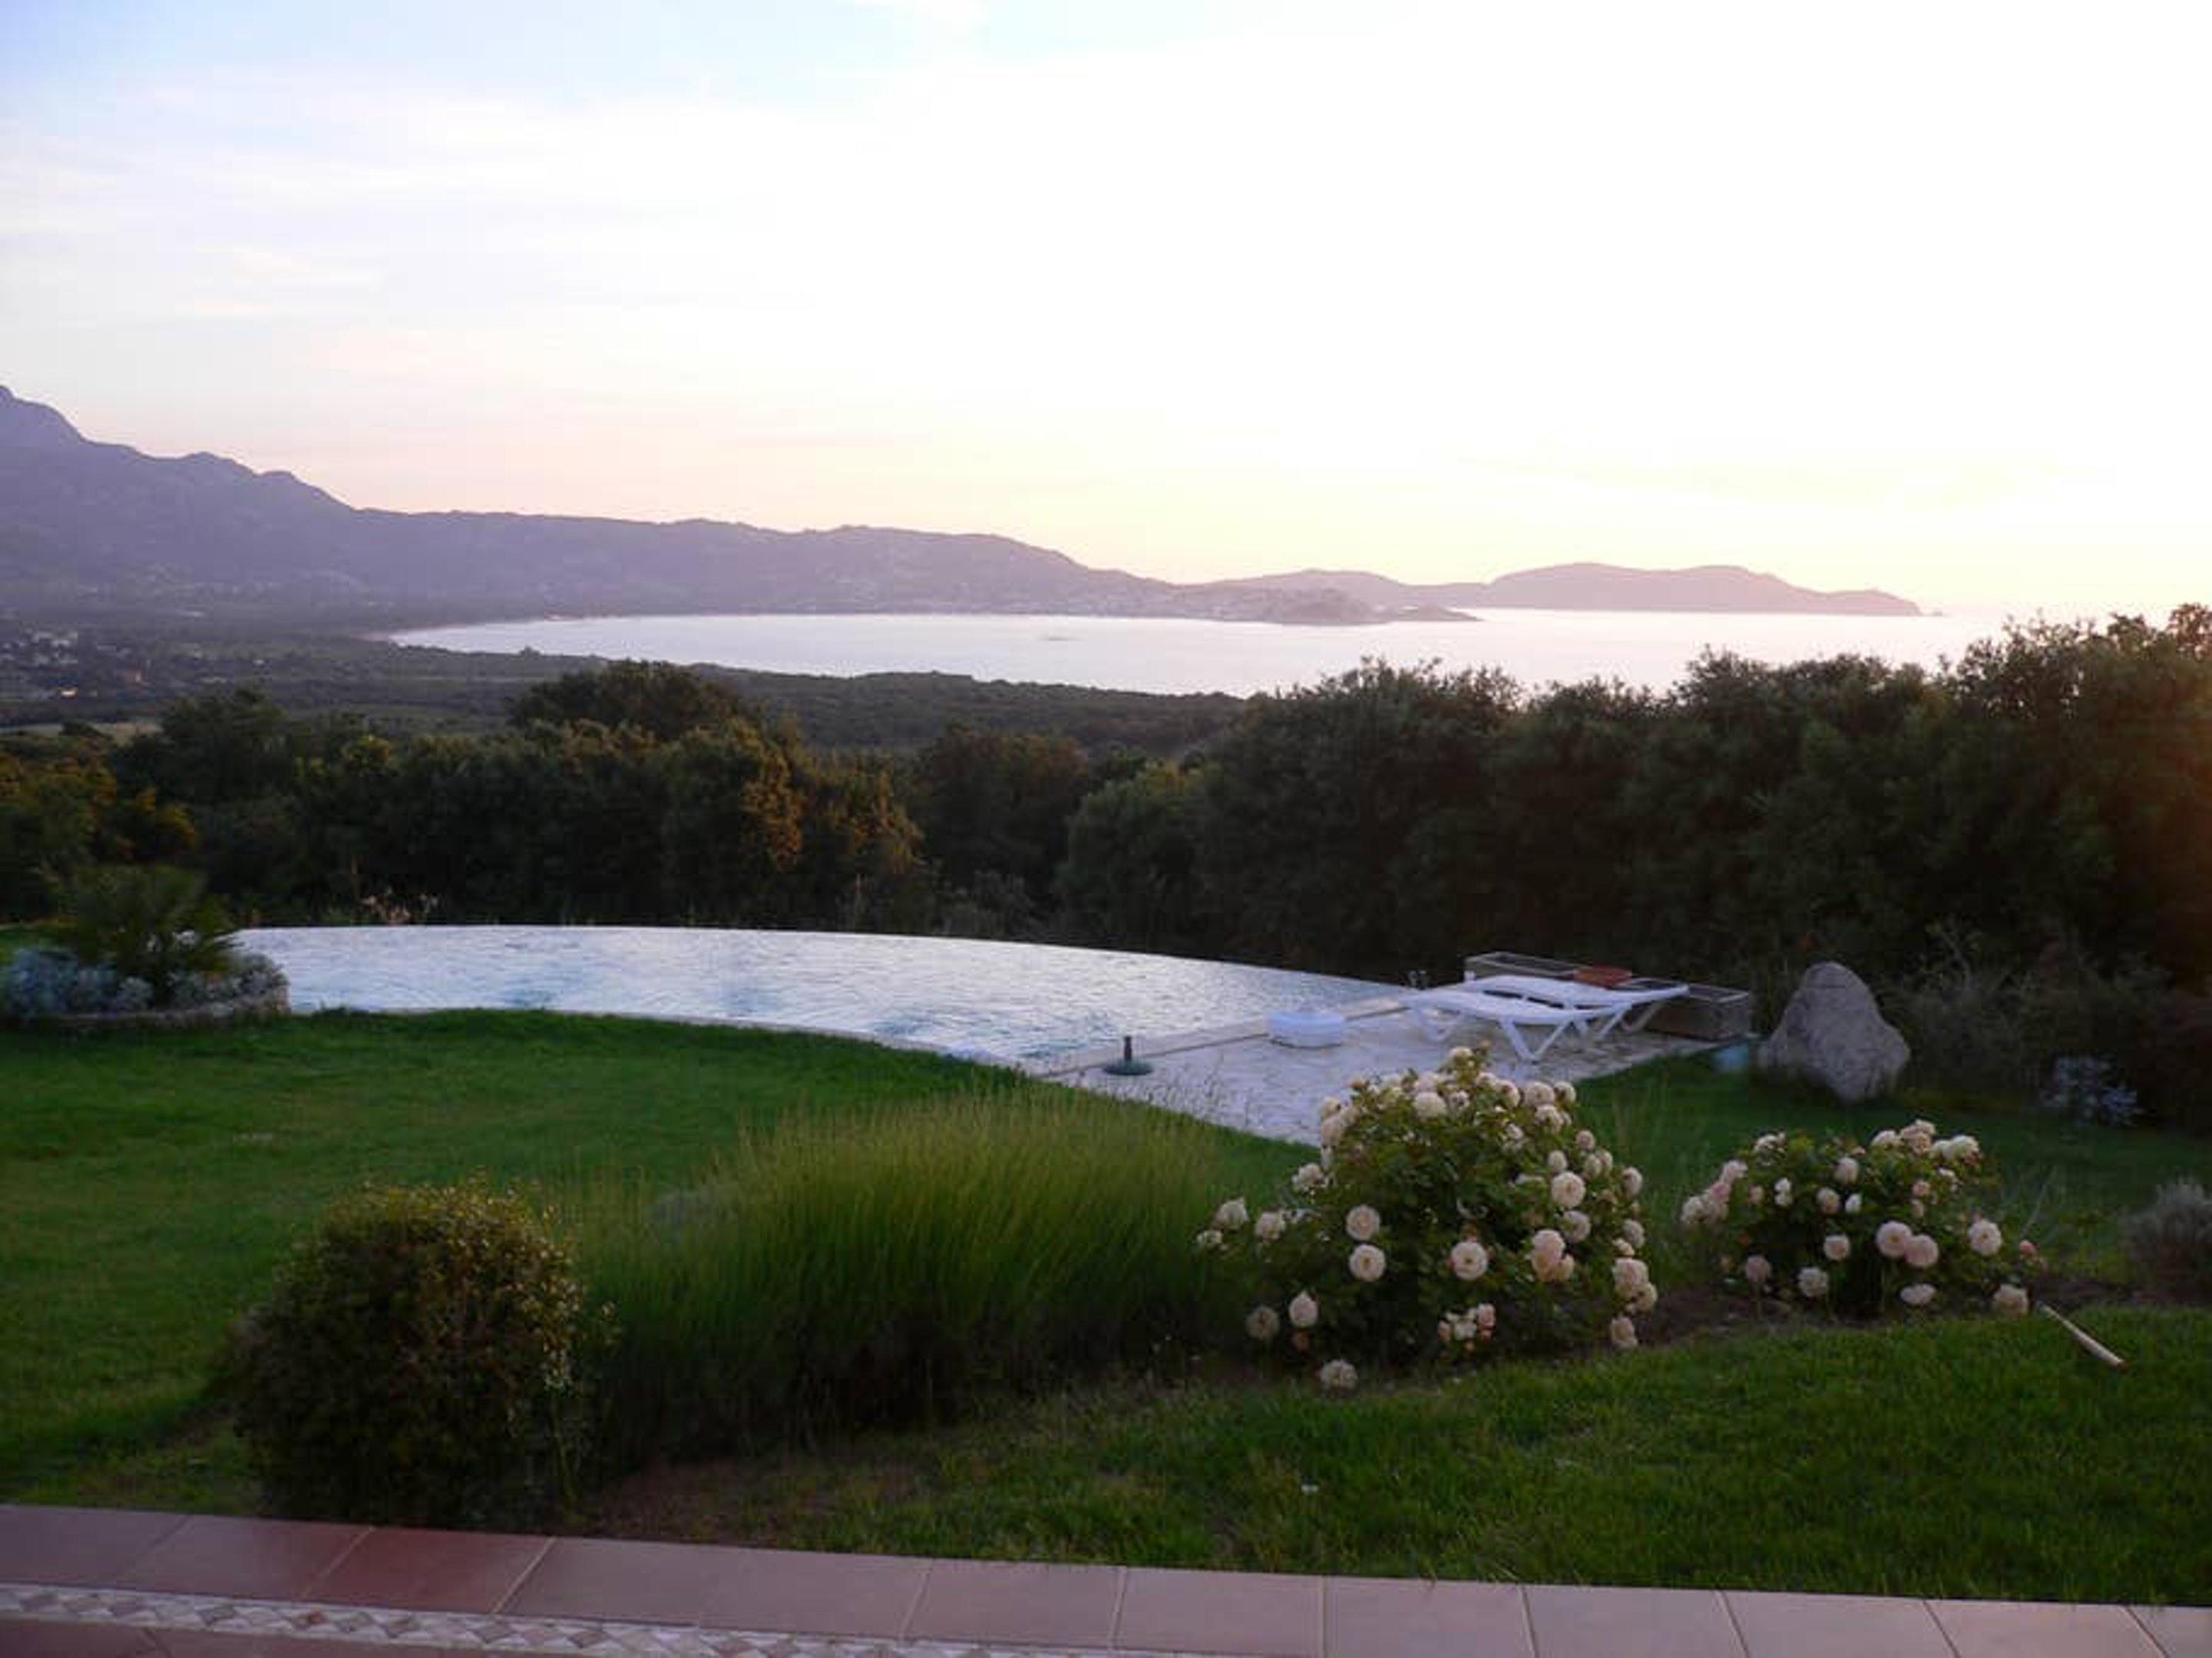 Ferienhaus Villa mit 4 Schlafzimmern in Lumio mit herrlichem Meerblick, privatem Pool, möbliertem Gar (2632533), Lumio, Nordkorsika, Korsika, Frankreich, Bild 12